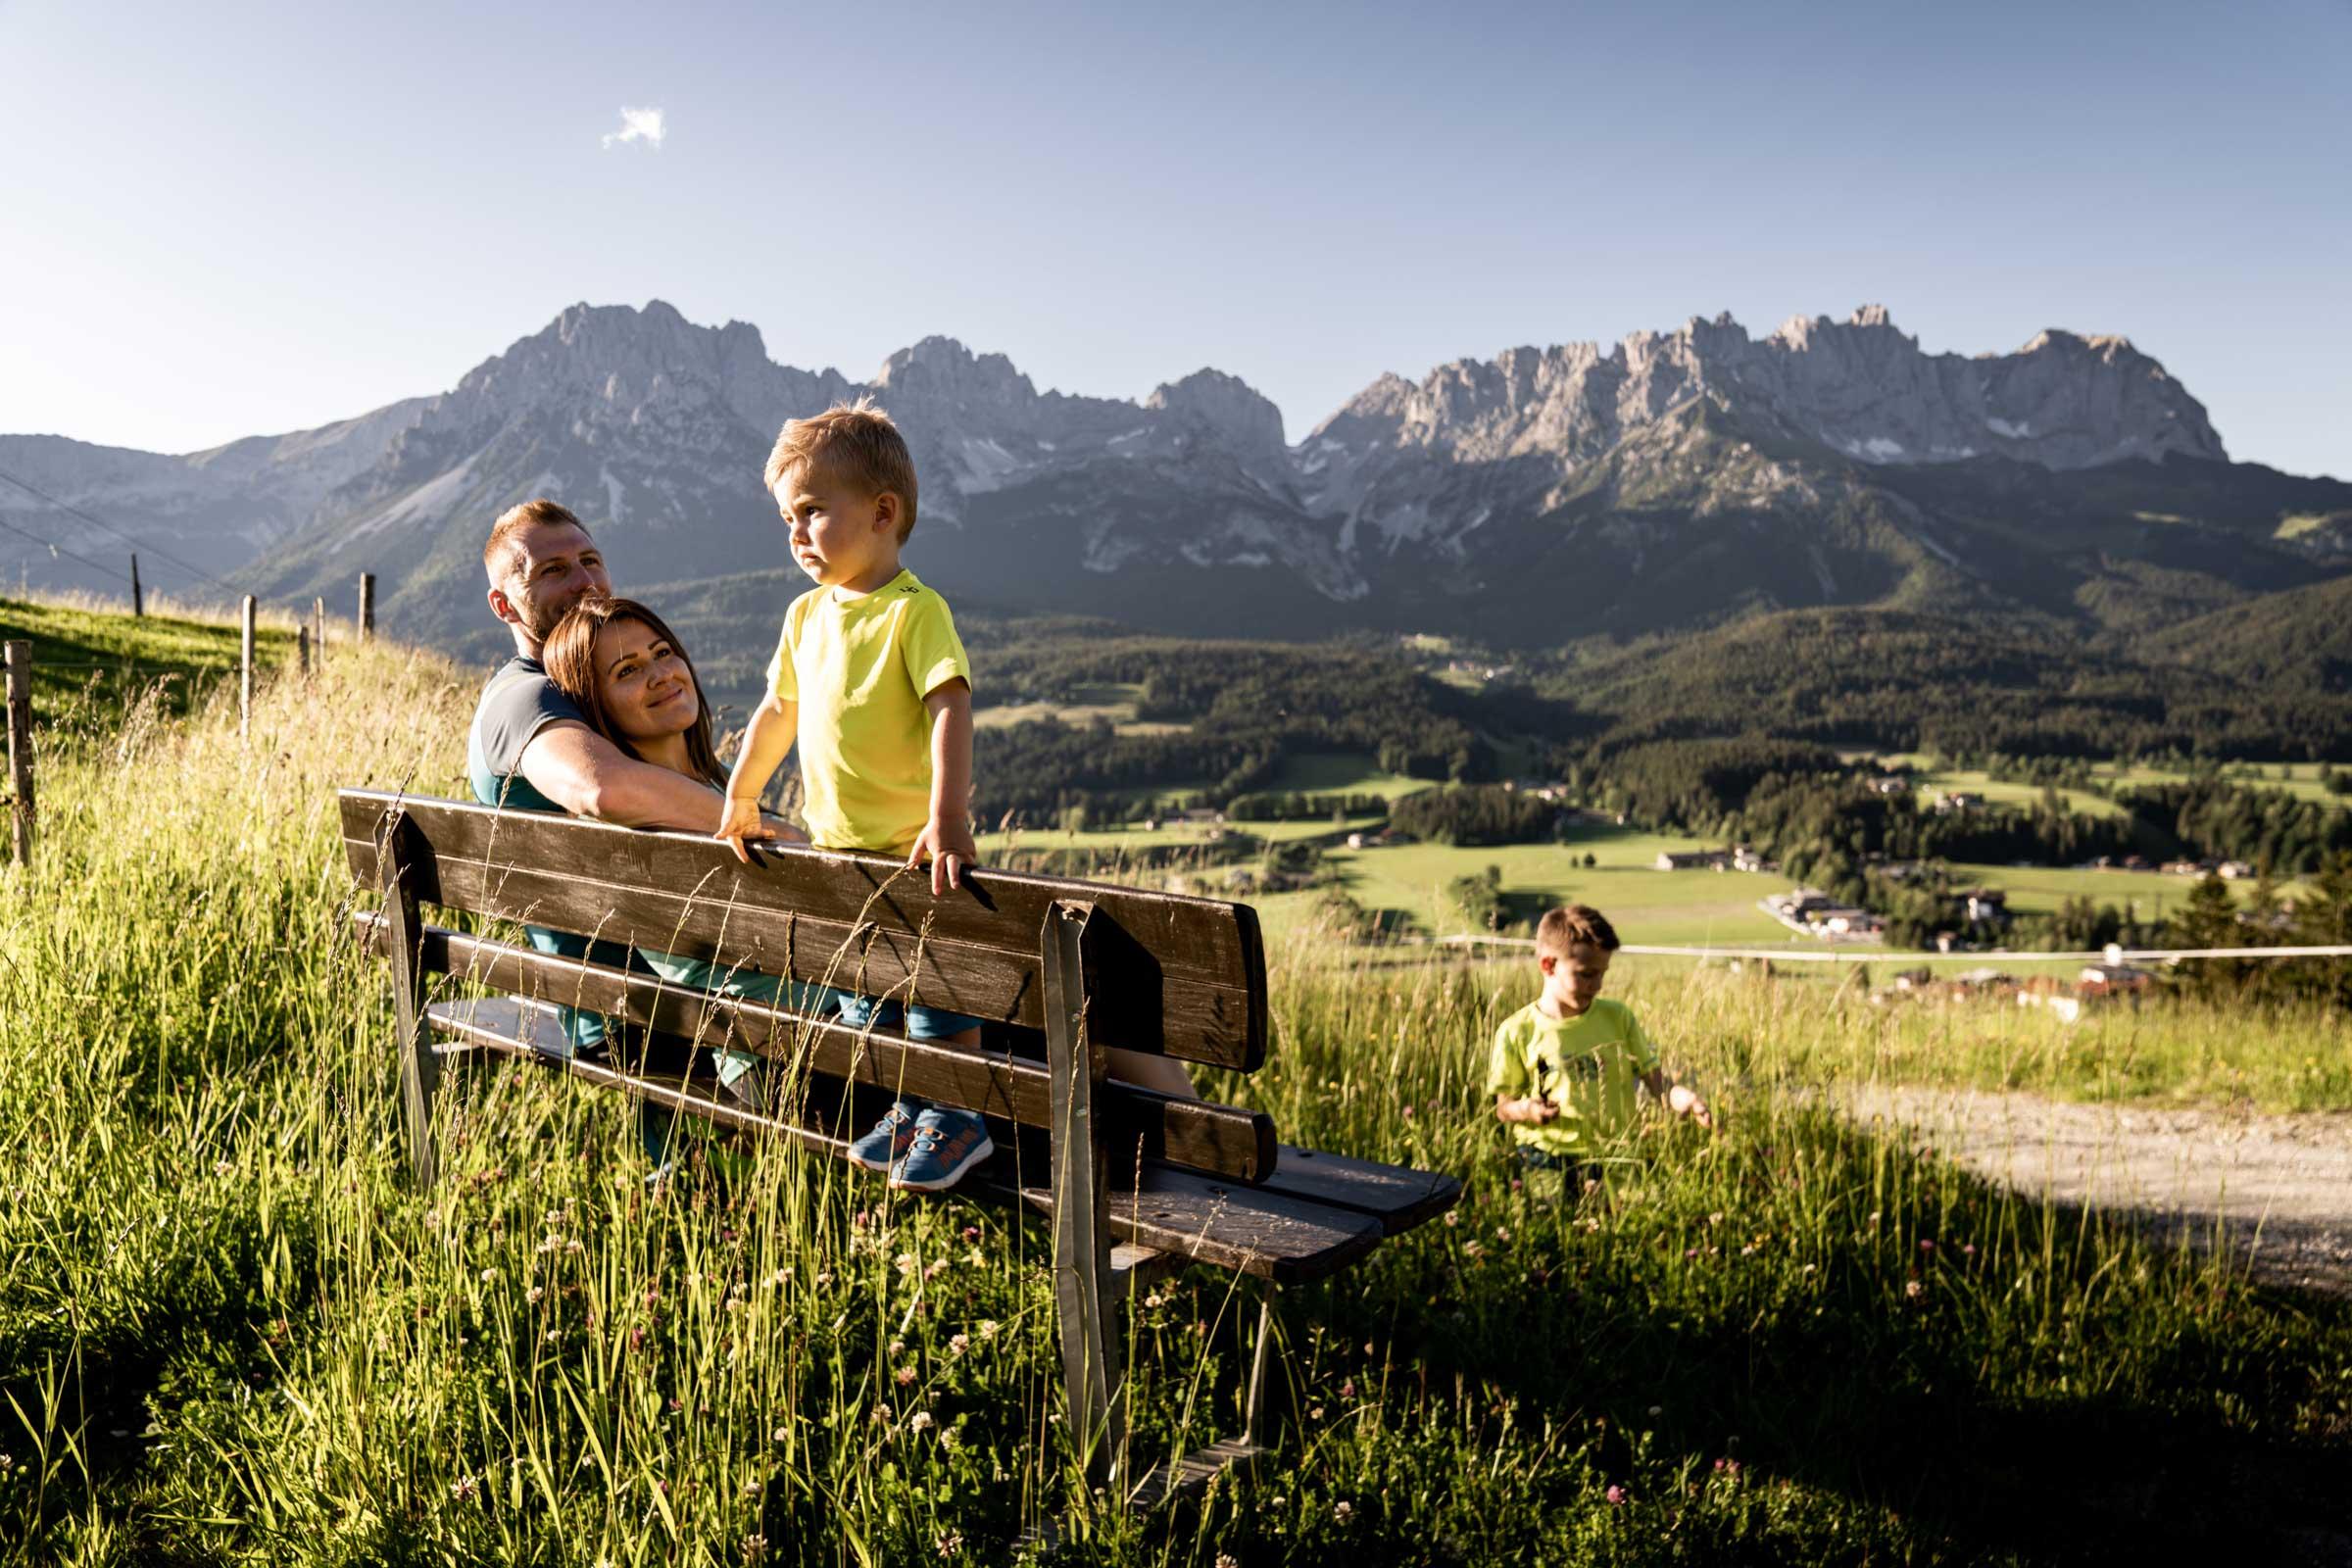 Eine Urlauberfamilie auf einem Rastplatz, wenige Schritte oberhalb des Naschberghofes mit Blick auf den Wilden Kaiser.